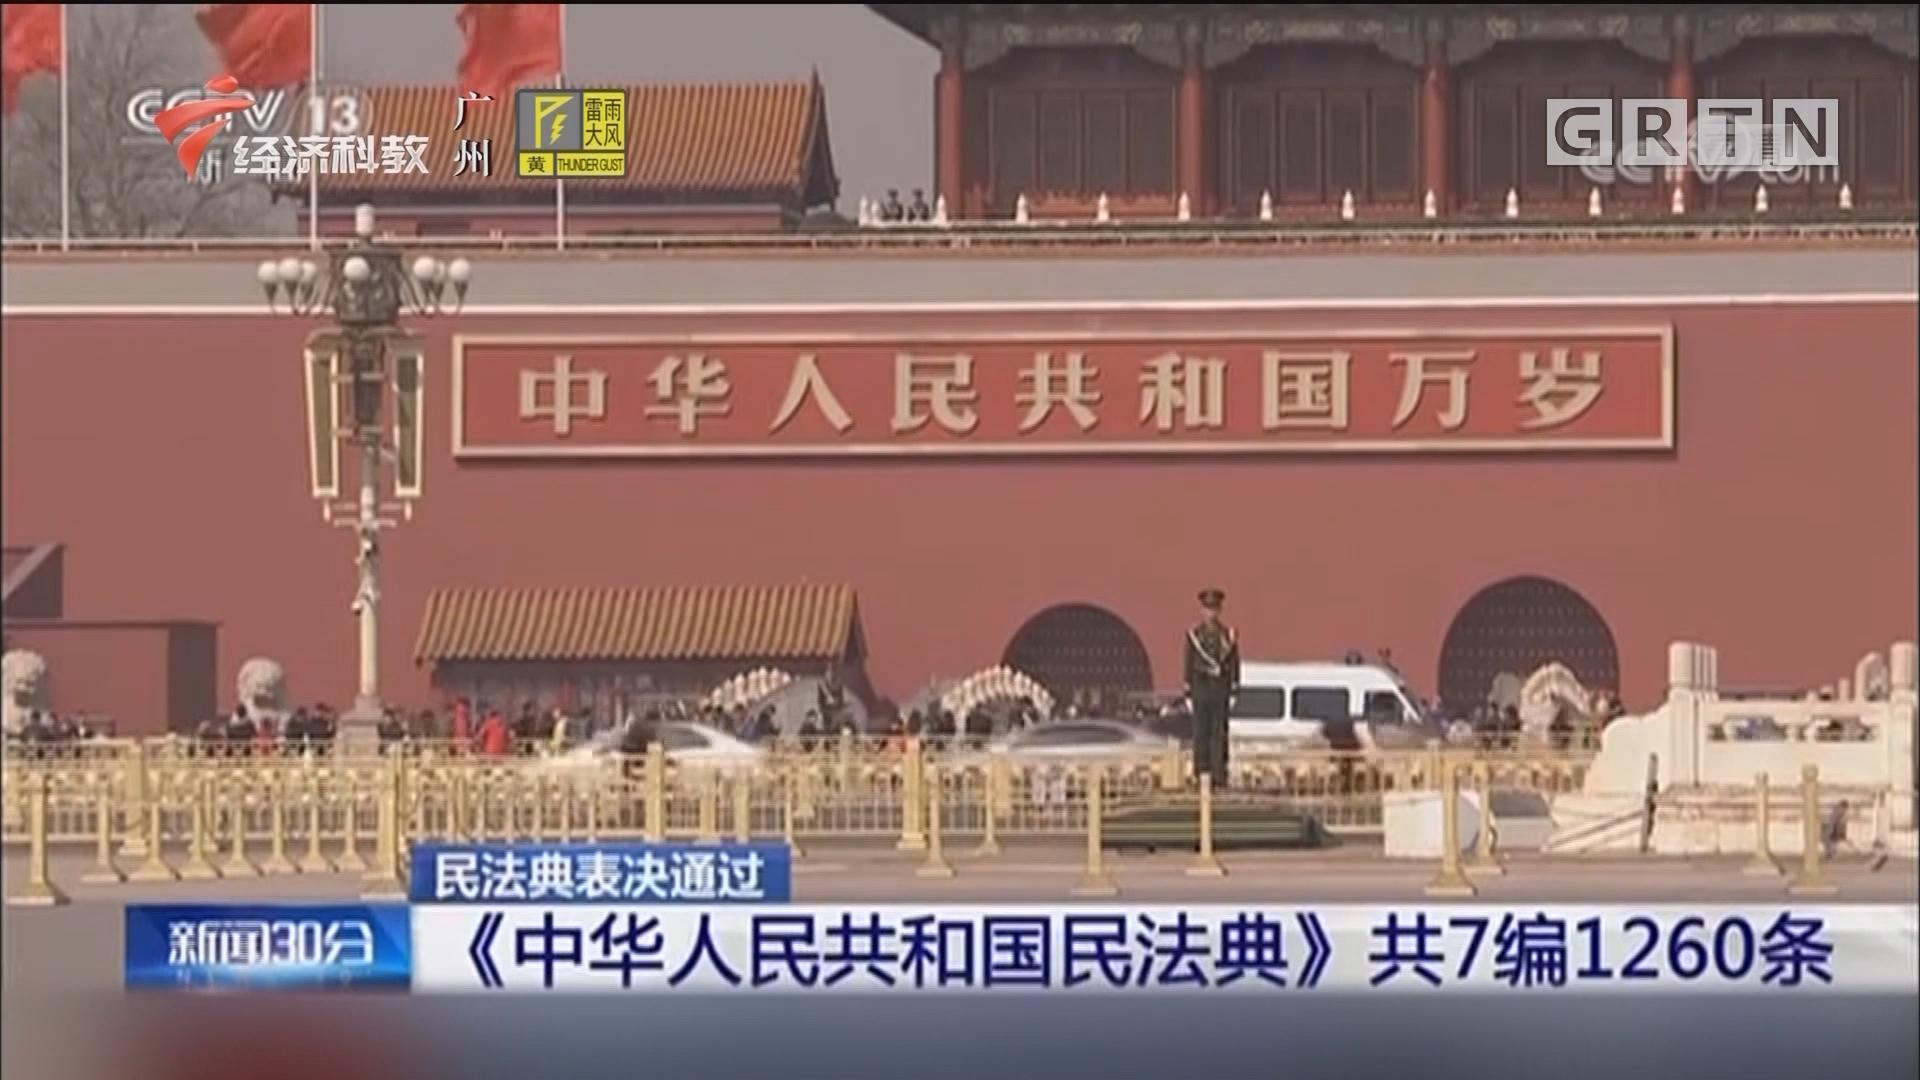 民法典表决通过 《中华人民共和国民法典》共7编1260条